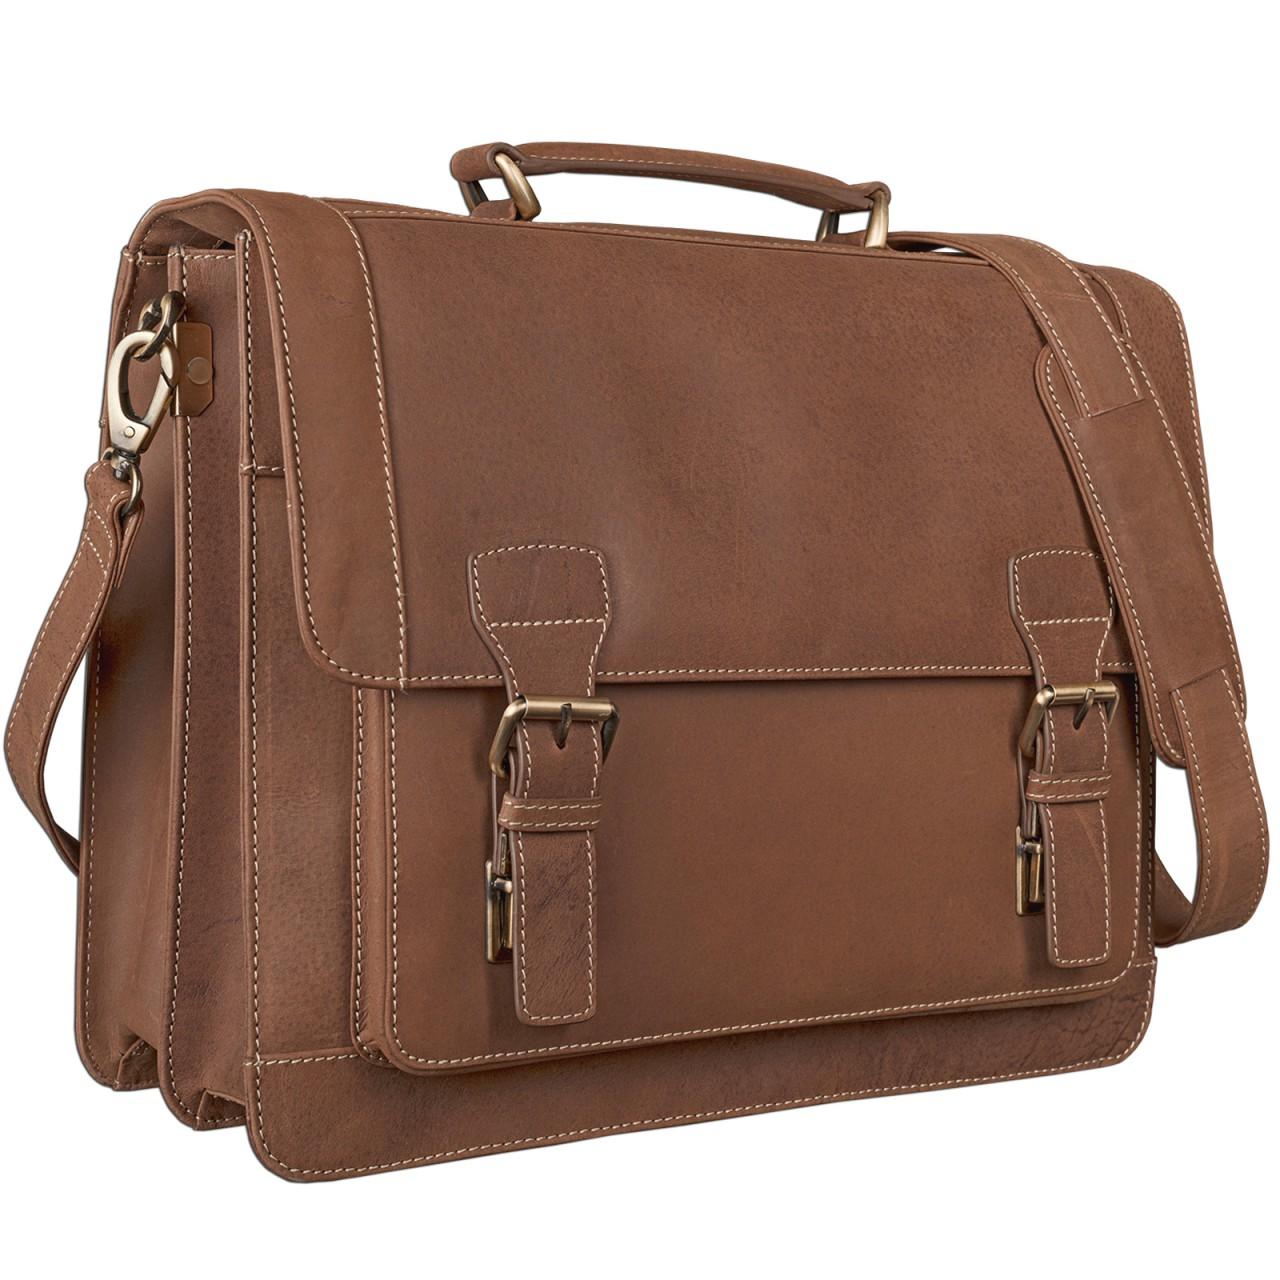 STILORD Elegante Aktentasche im klassischen Design Bürotasche Lehrertasche Umhängetasche Business Handtasche Leder braun - Bild 1